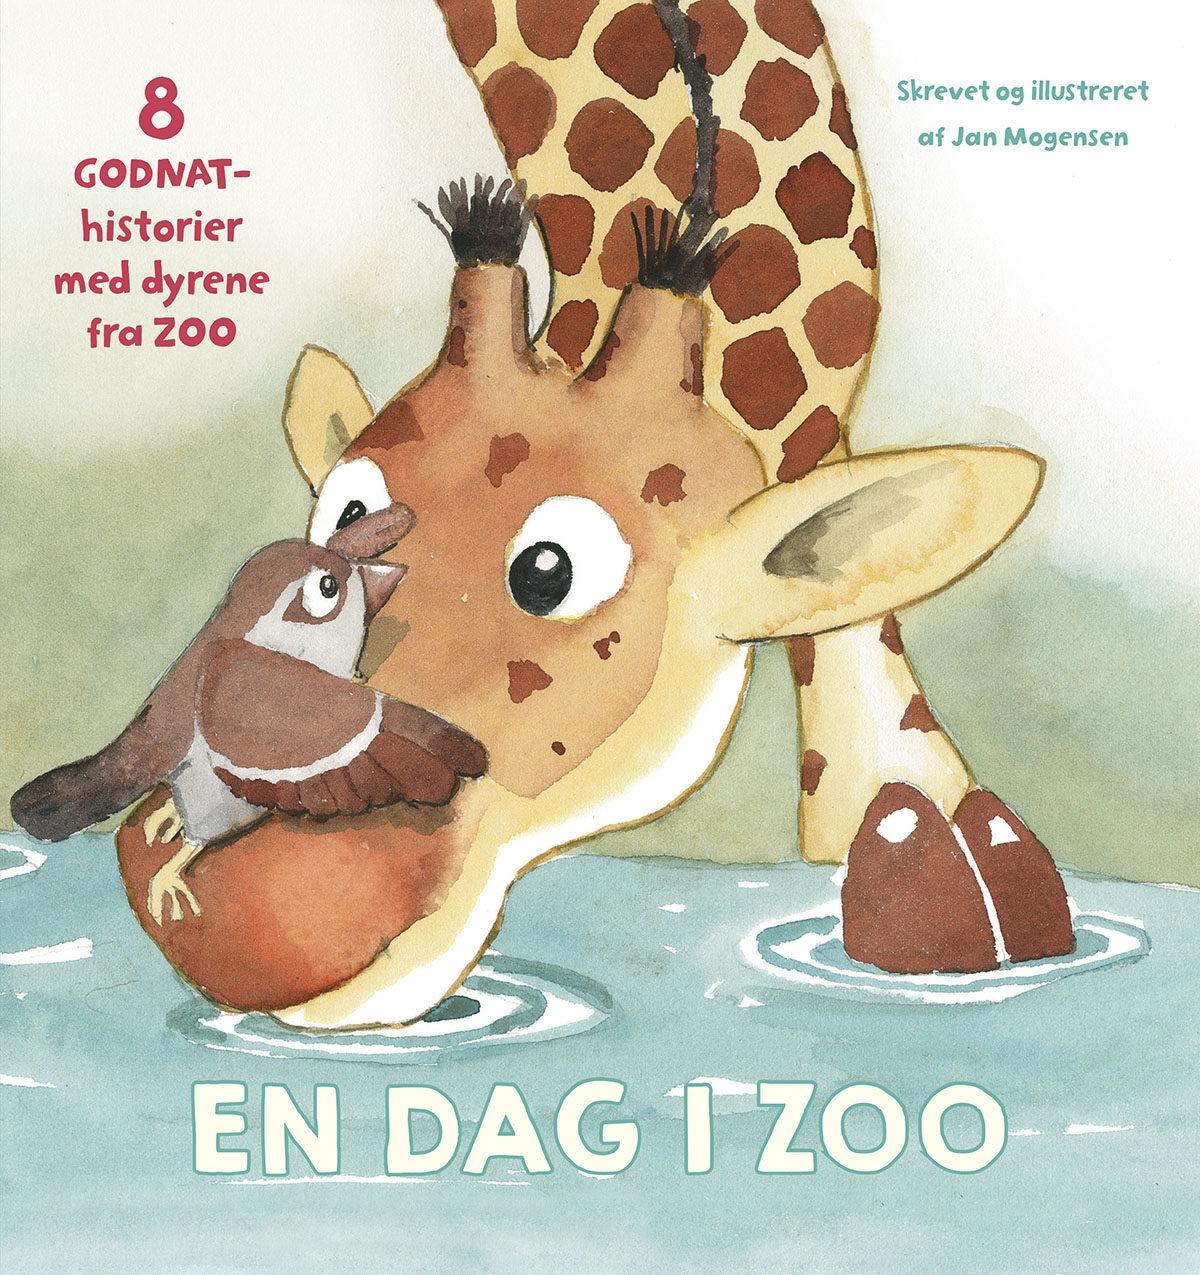 En dag i Zoo – 8 godnathistorier med dyrene fra Zoo